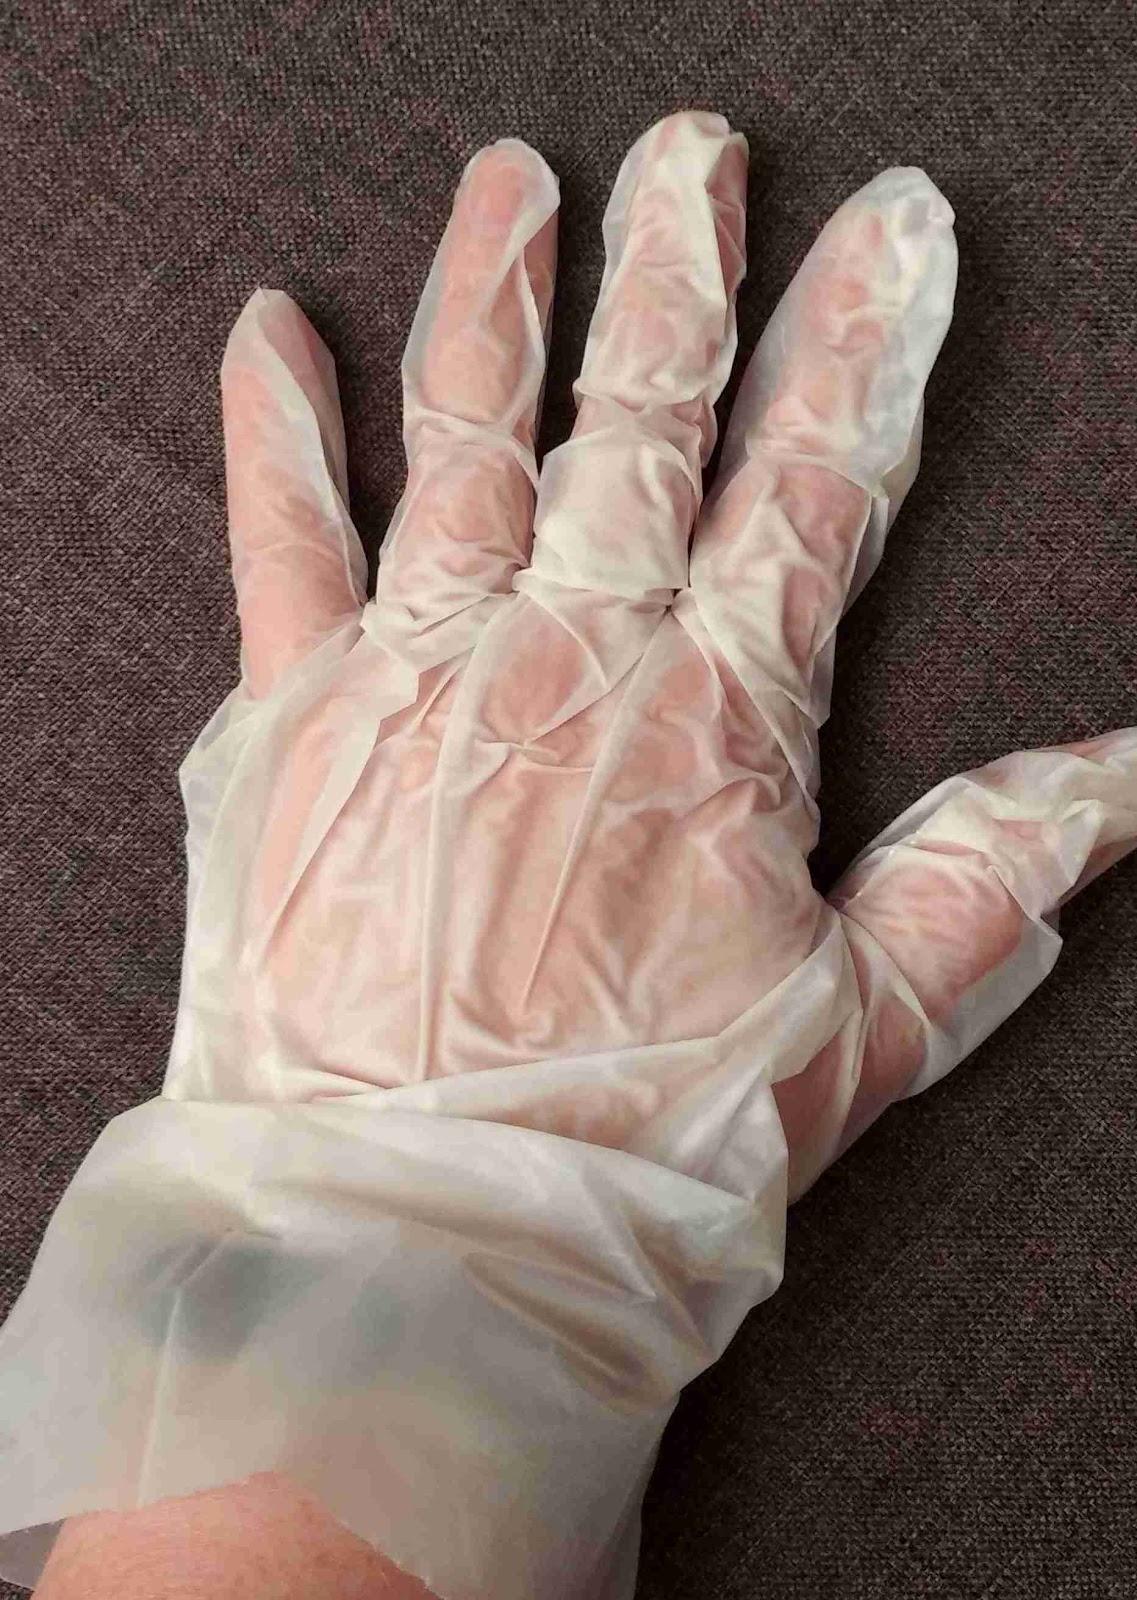 Recenze Riano: Keratinové rukavice Bodipure